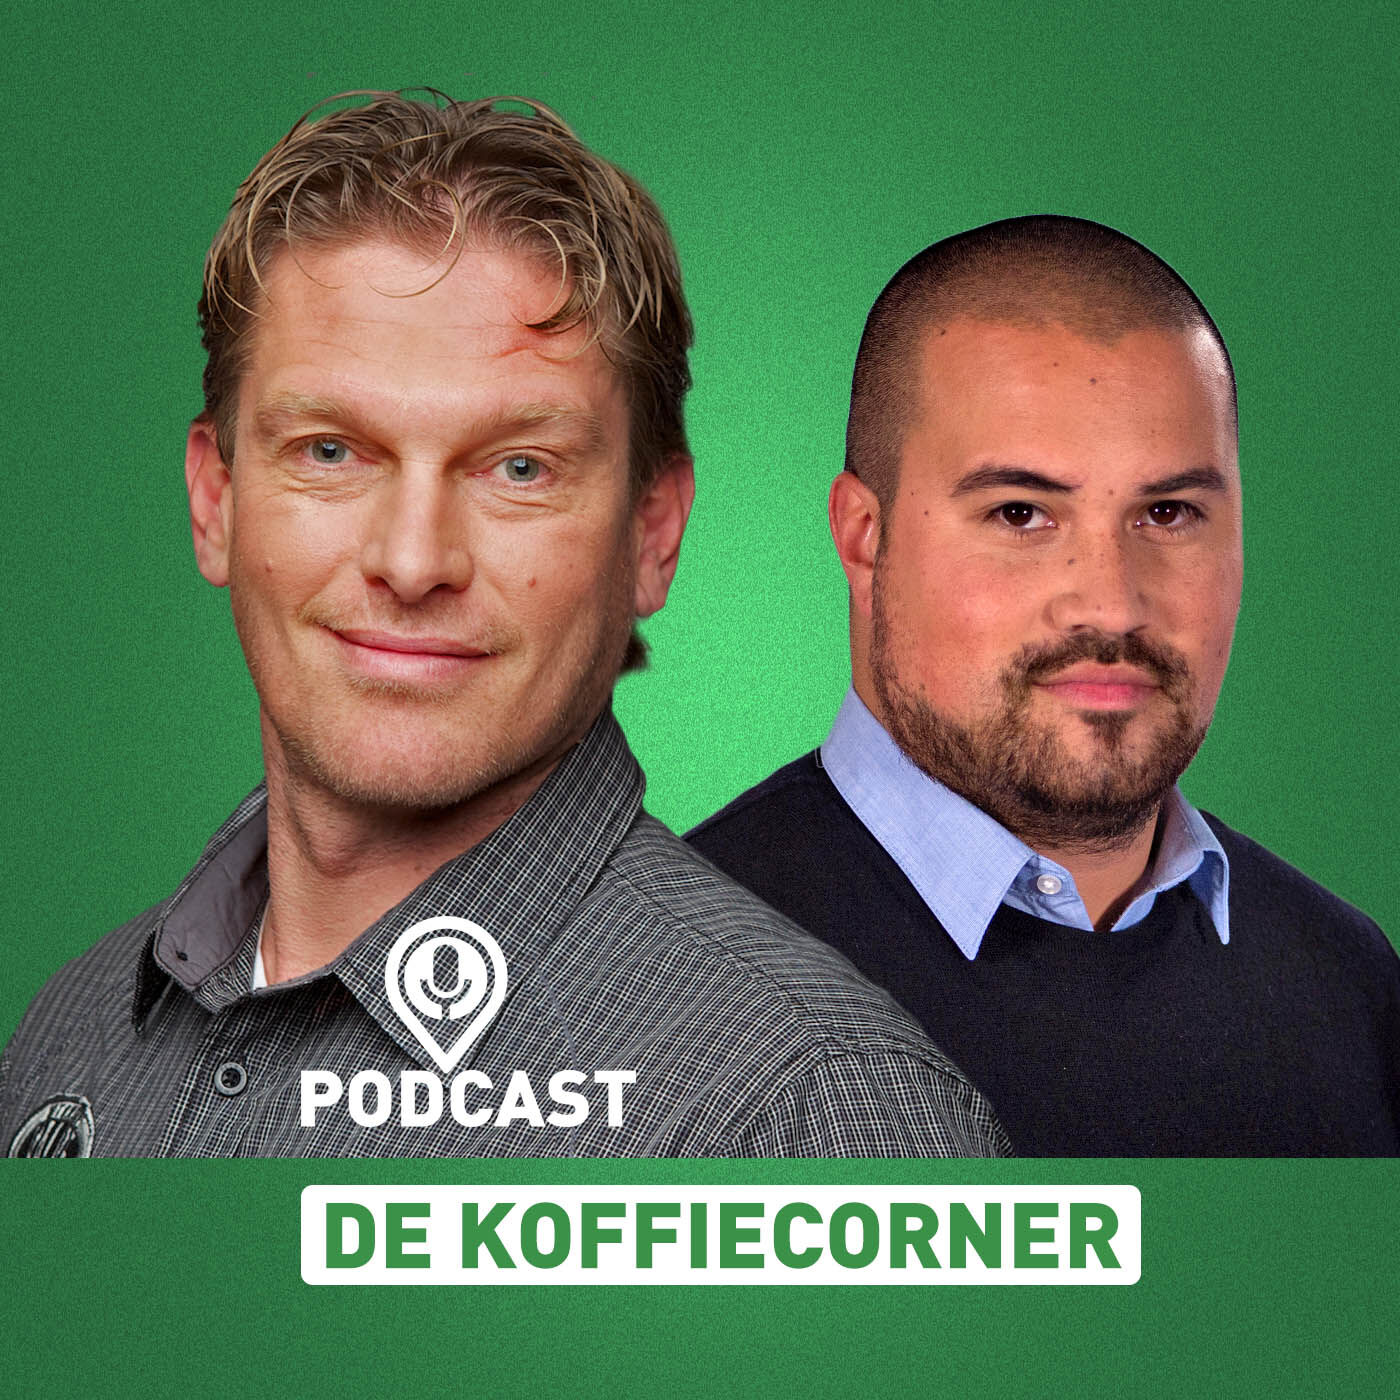 """De Koffiecorner #56: """"Met Memisevic op het middenveld is het afbraakvoetbal"""""""